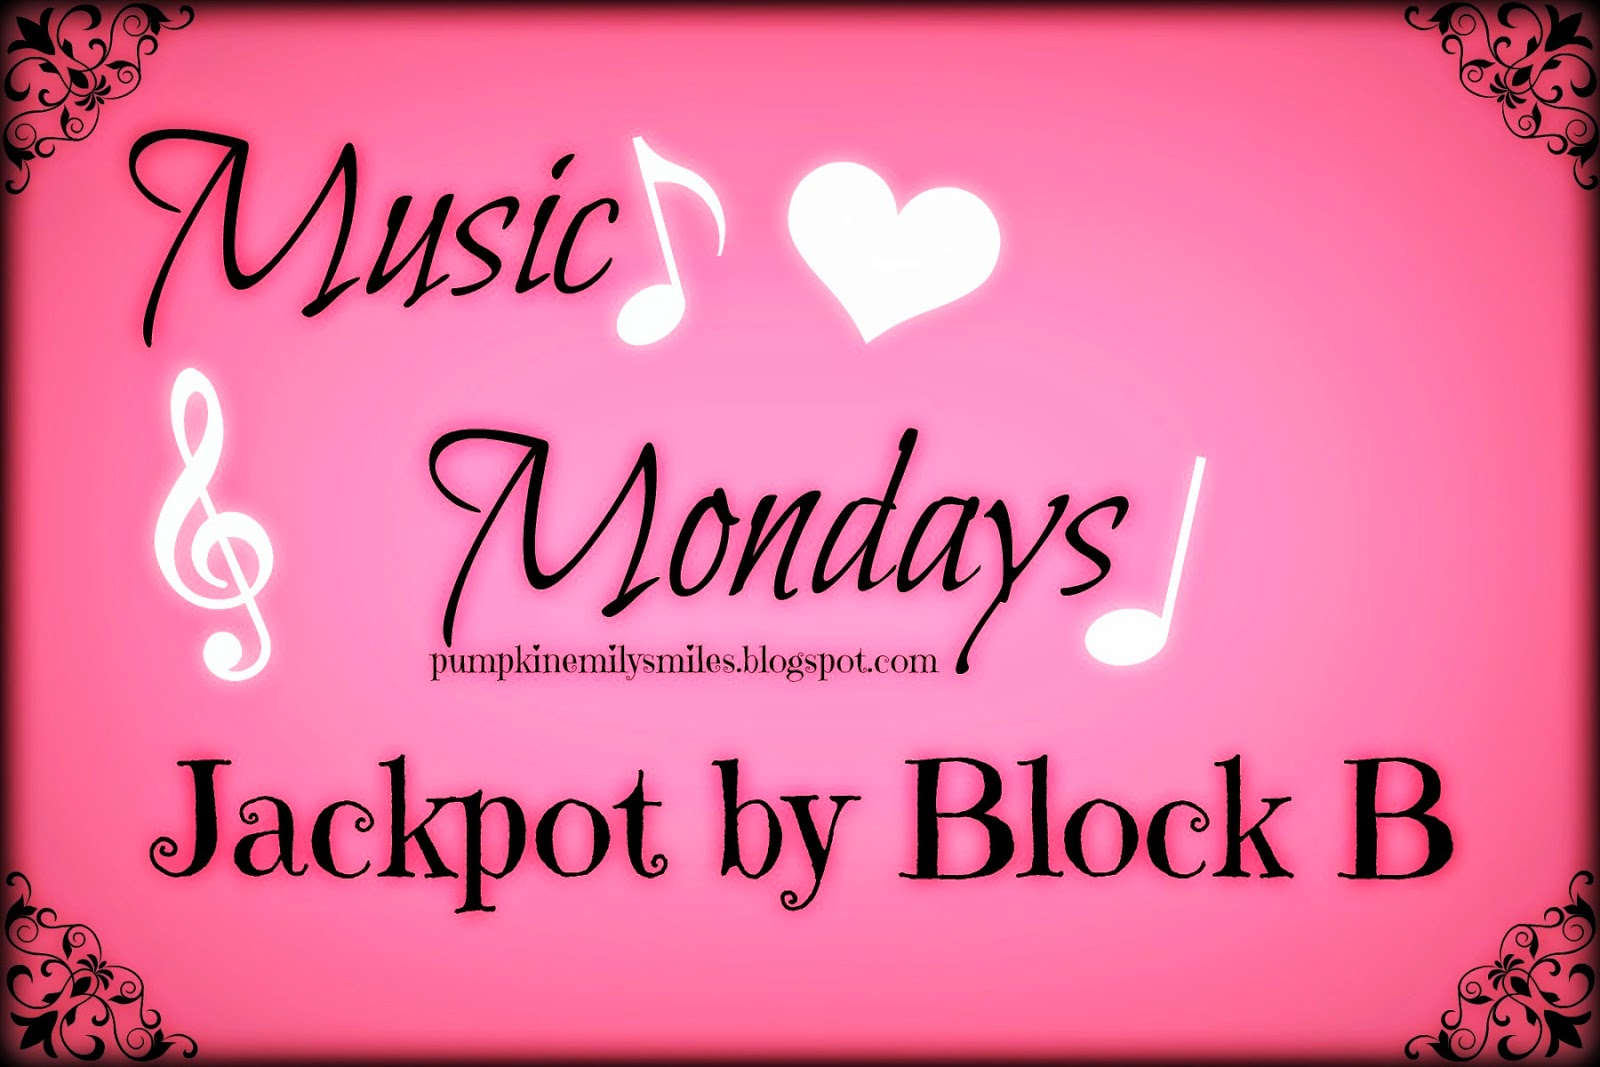 Music Mondays Jackpot by Block B